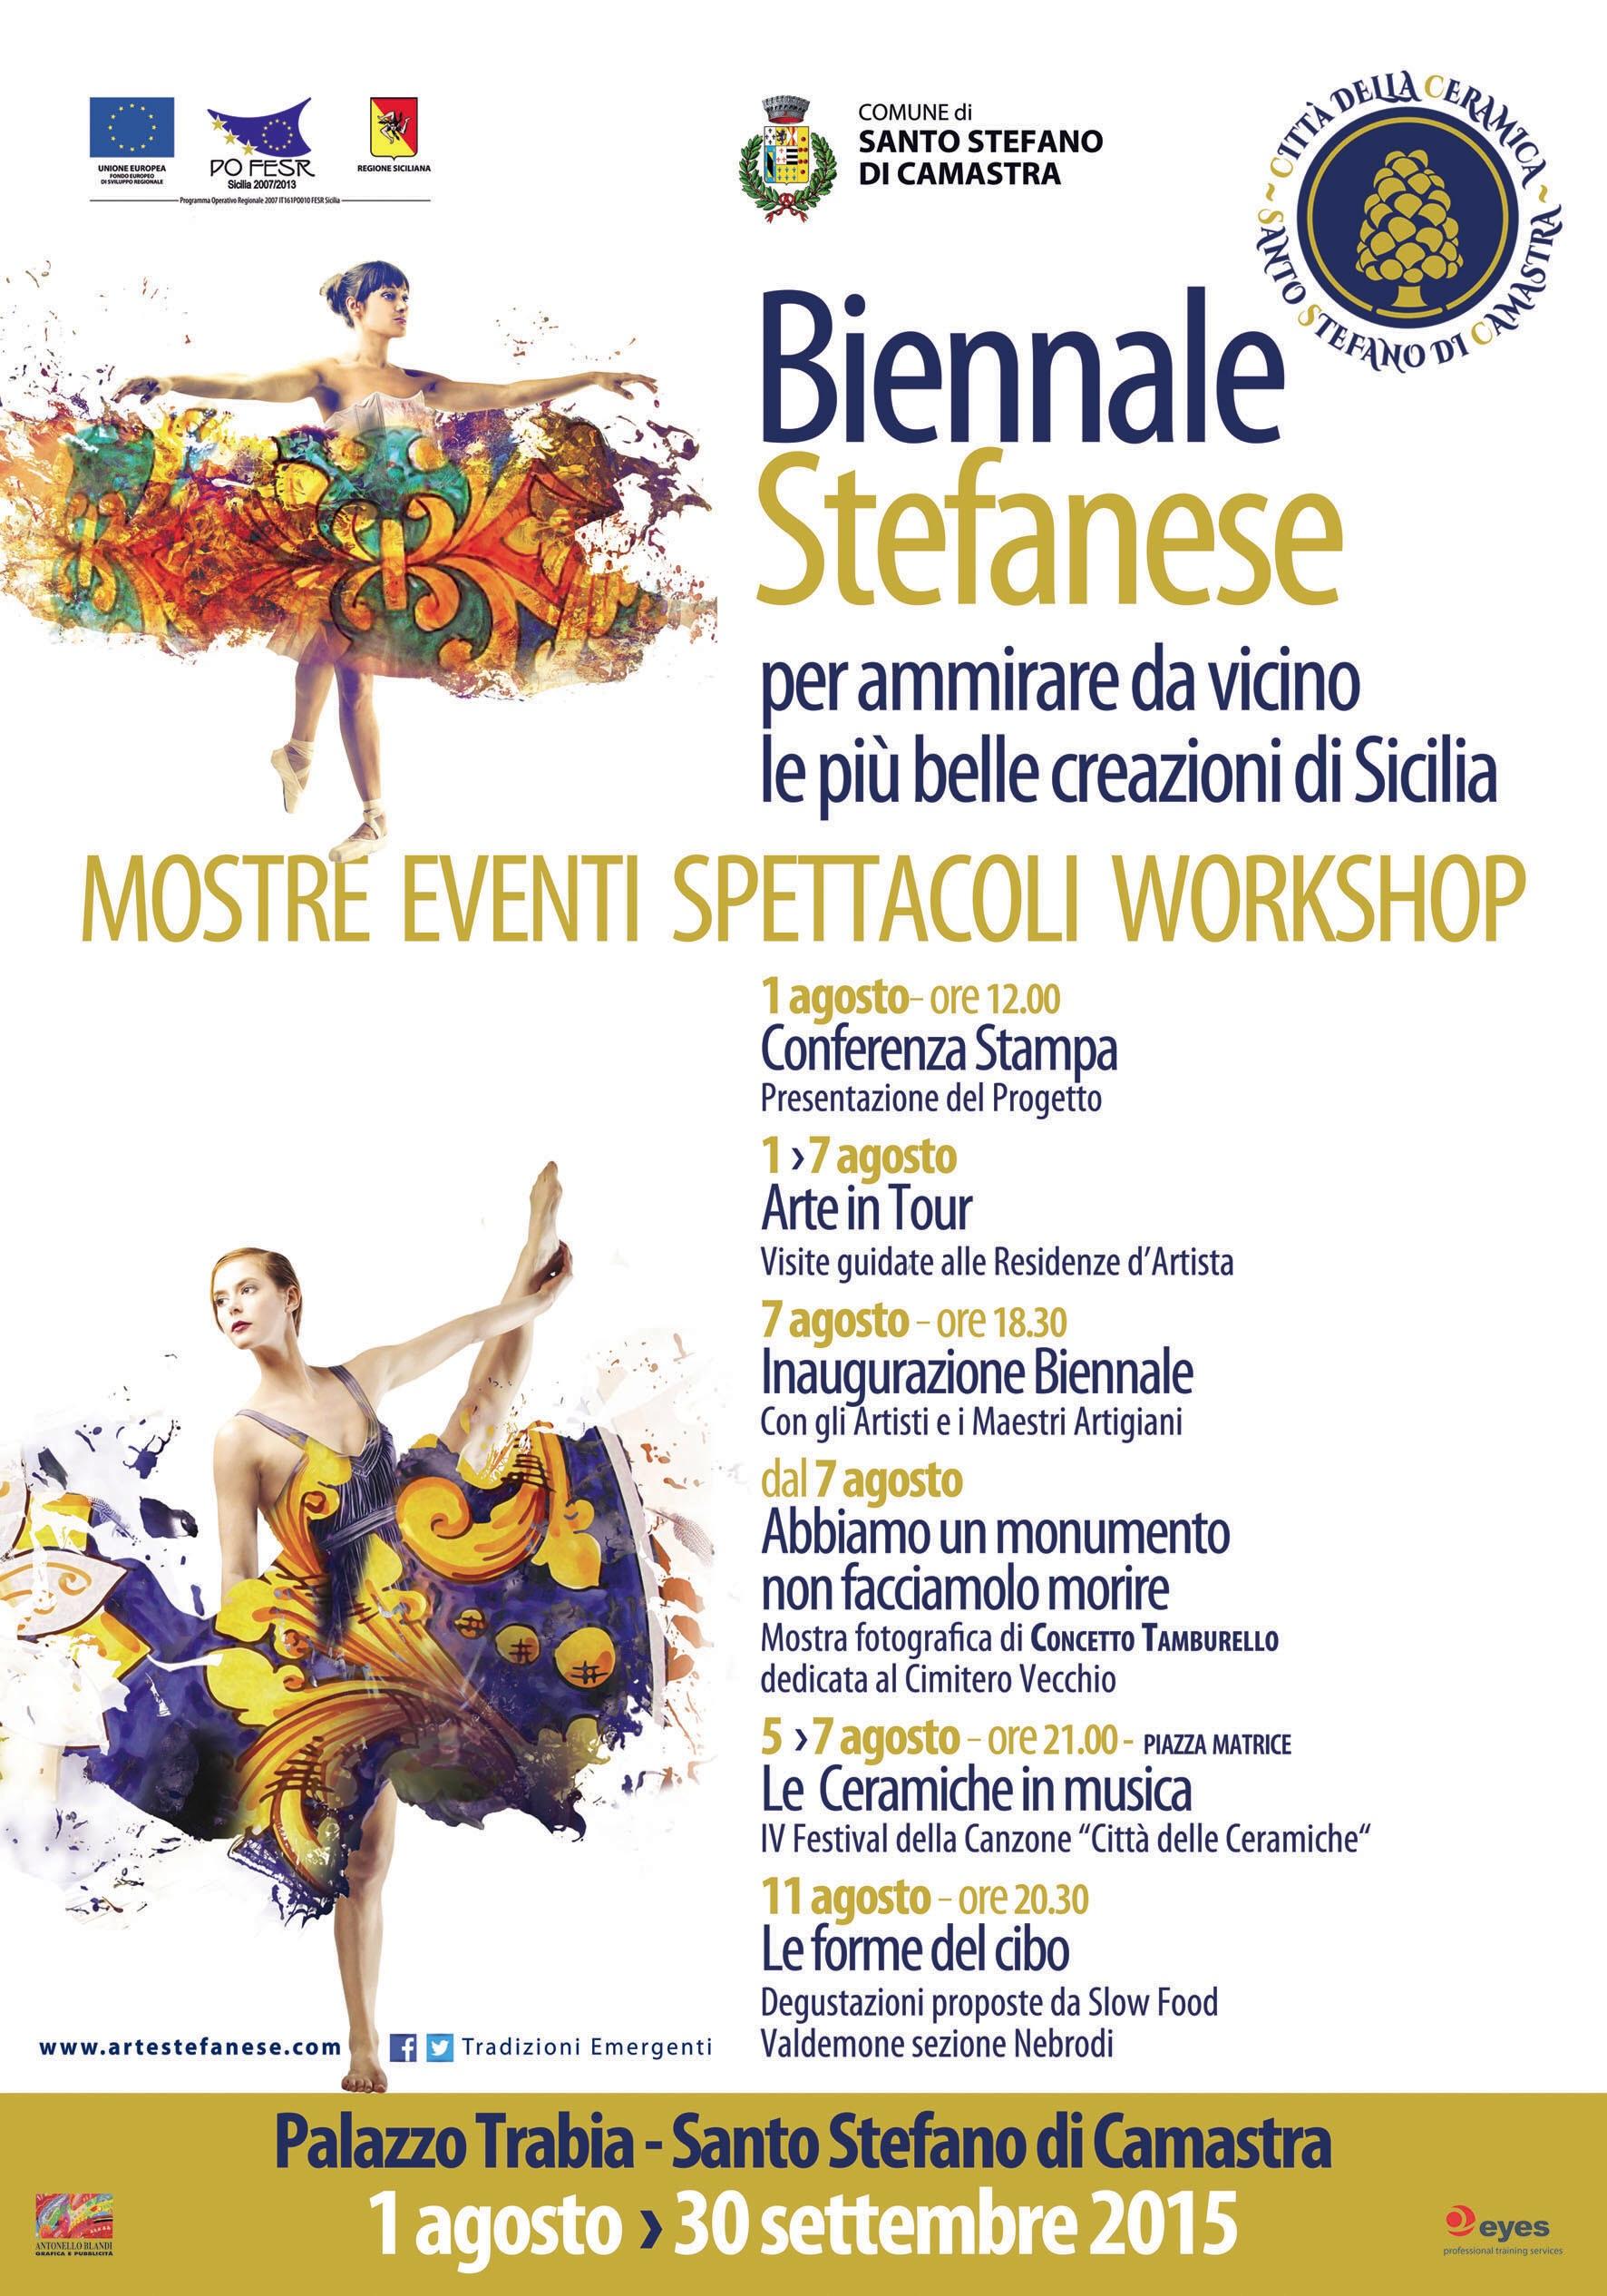 Biennale stefanese